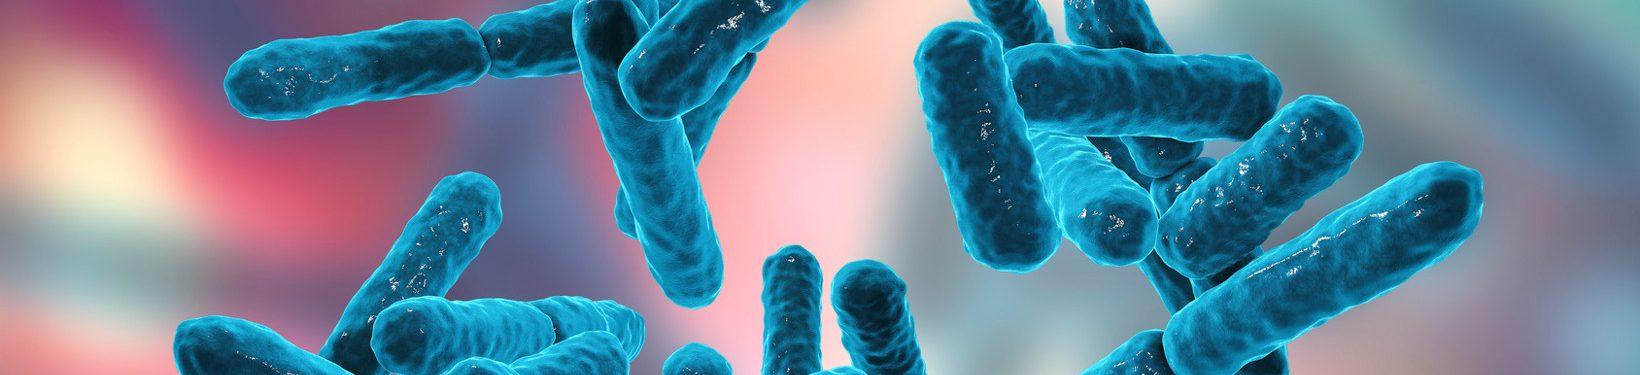 Badania bakteriologiczne